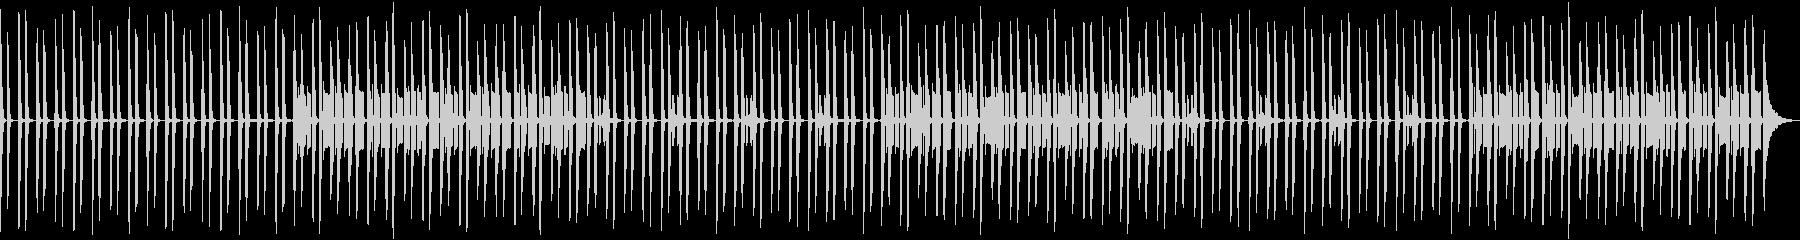 リズムなしの未再生の波形